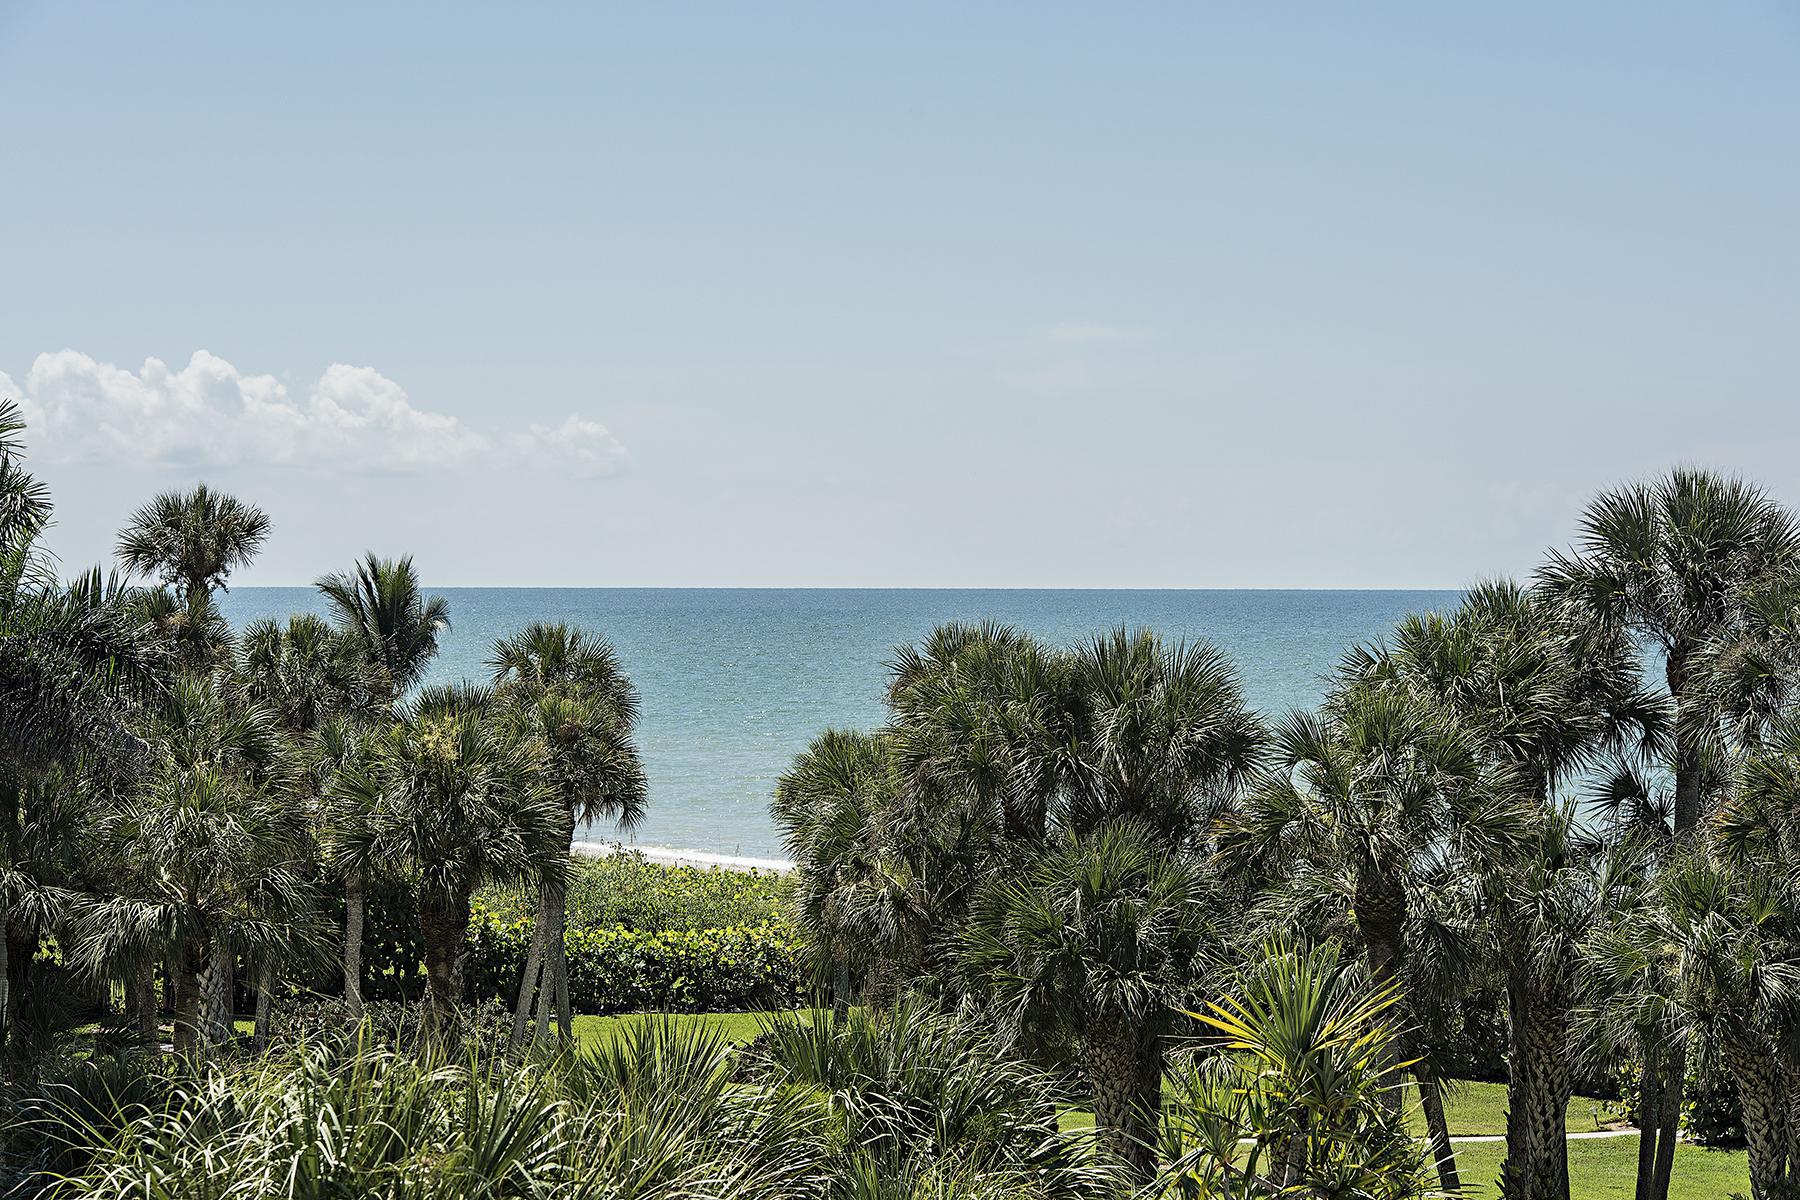 Copropriété pour l Vente à VANDERBILT BEACH - VANDERBILT GULFSIDE 10951 Gulf Shore Dr 301 Naples, Florida, 34108 États-Unis